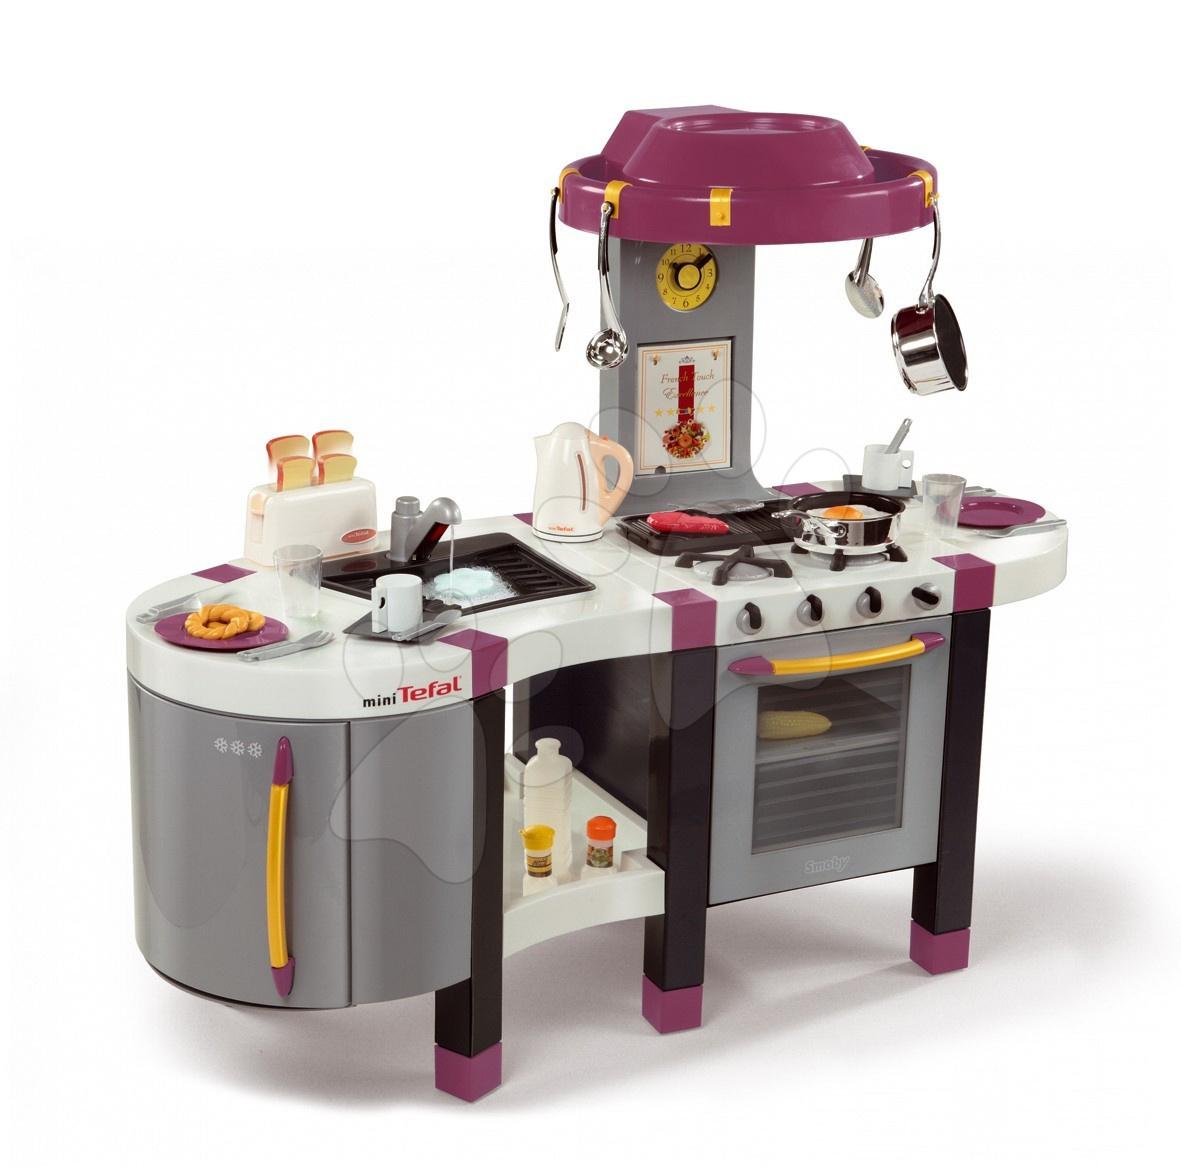 Bucătărie electronică French Touch Tefal Excellence Smoby bordou-galben cu apă curgătoare